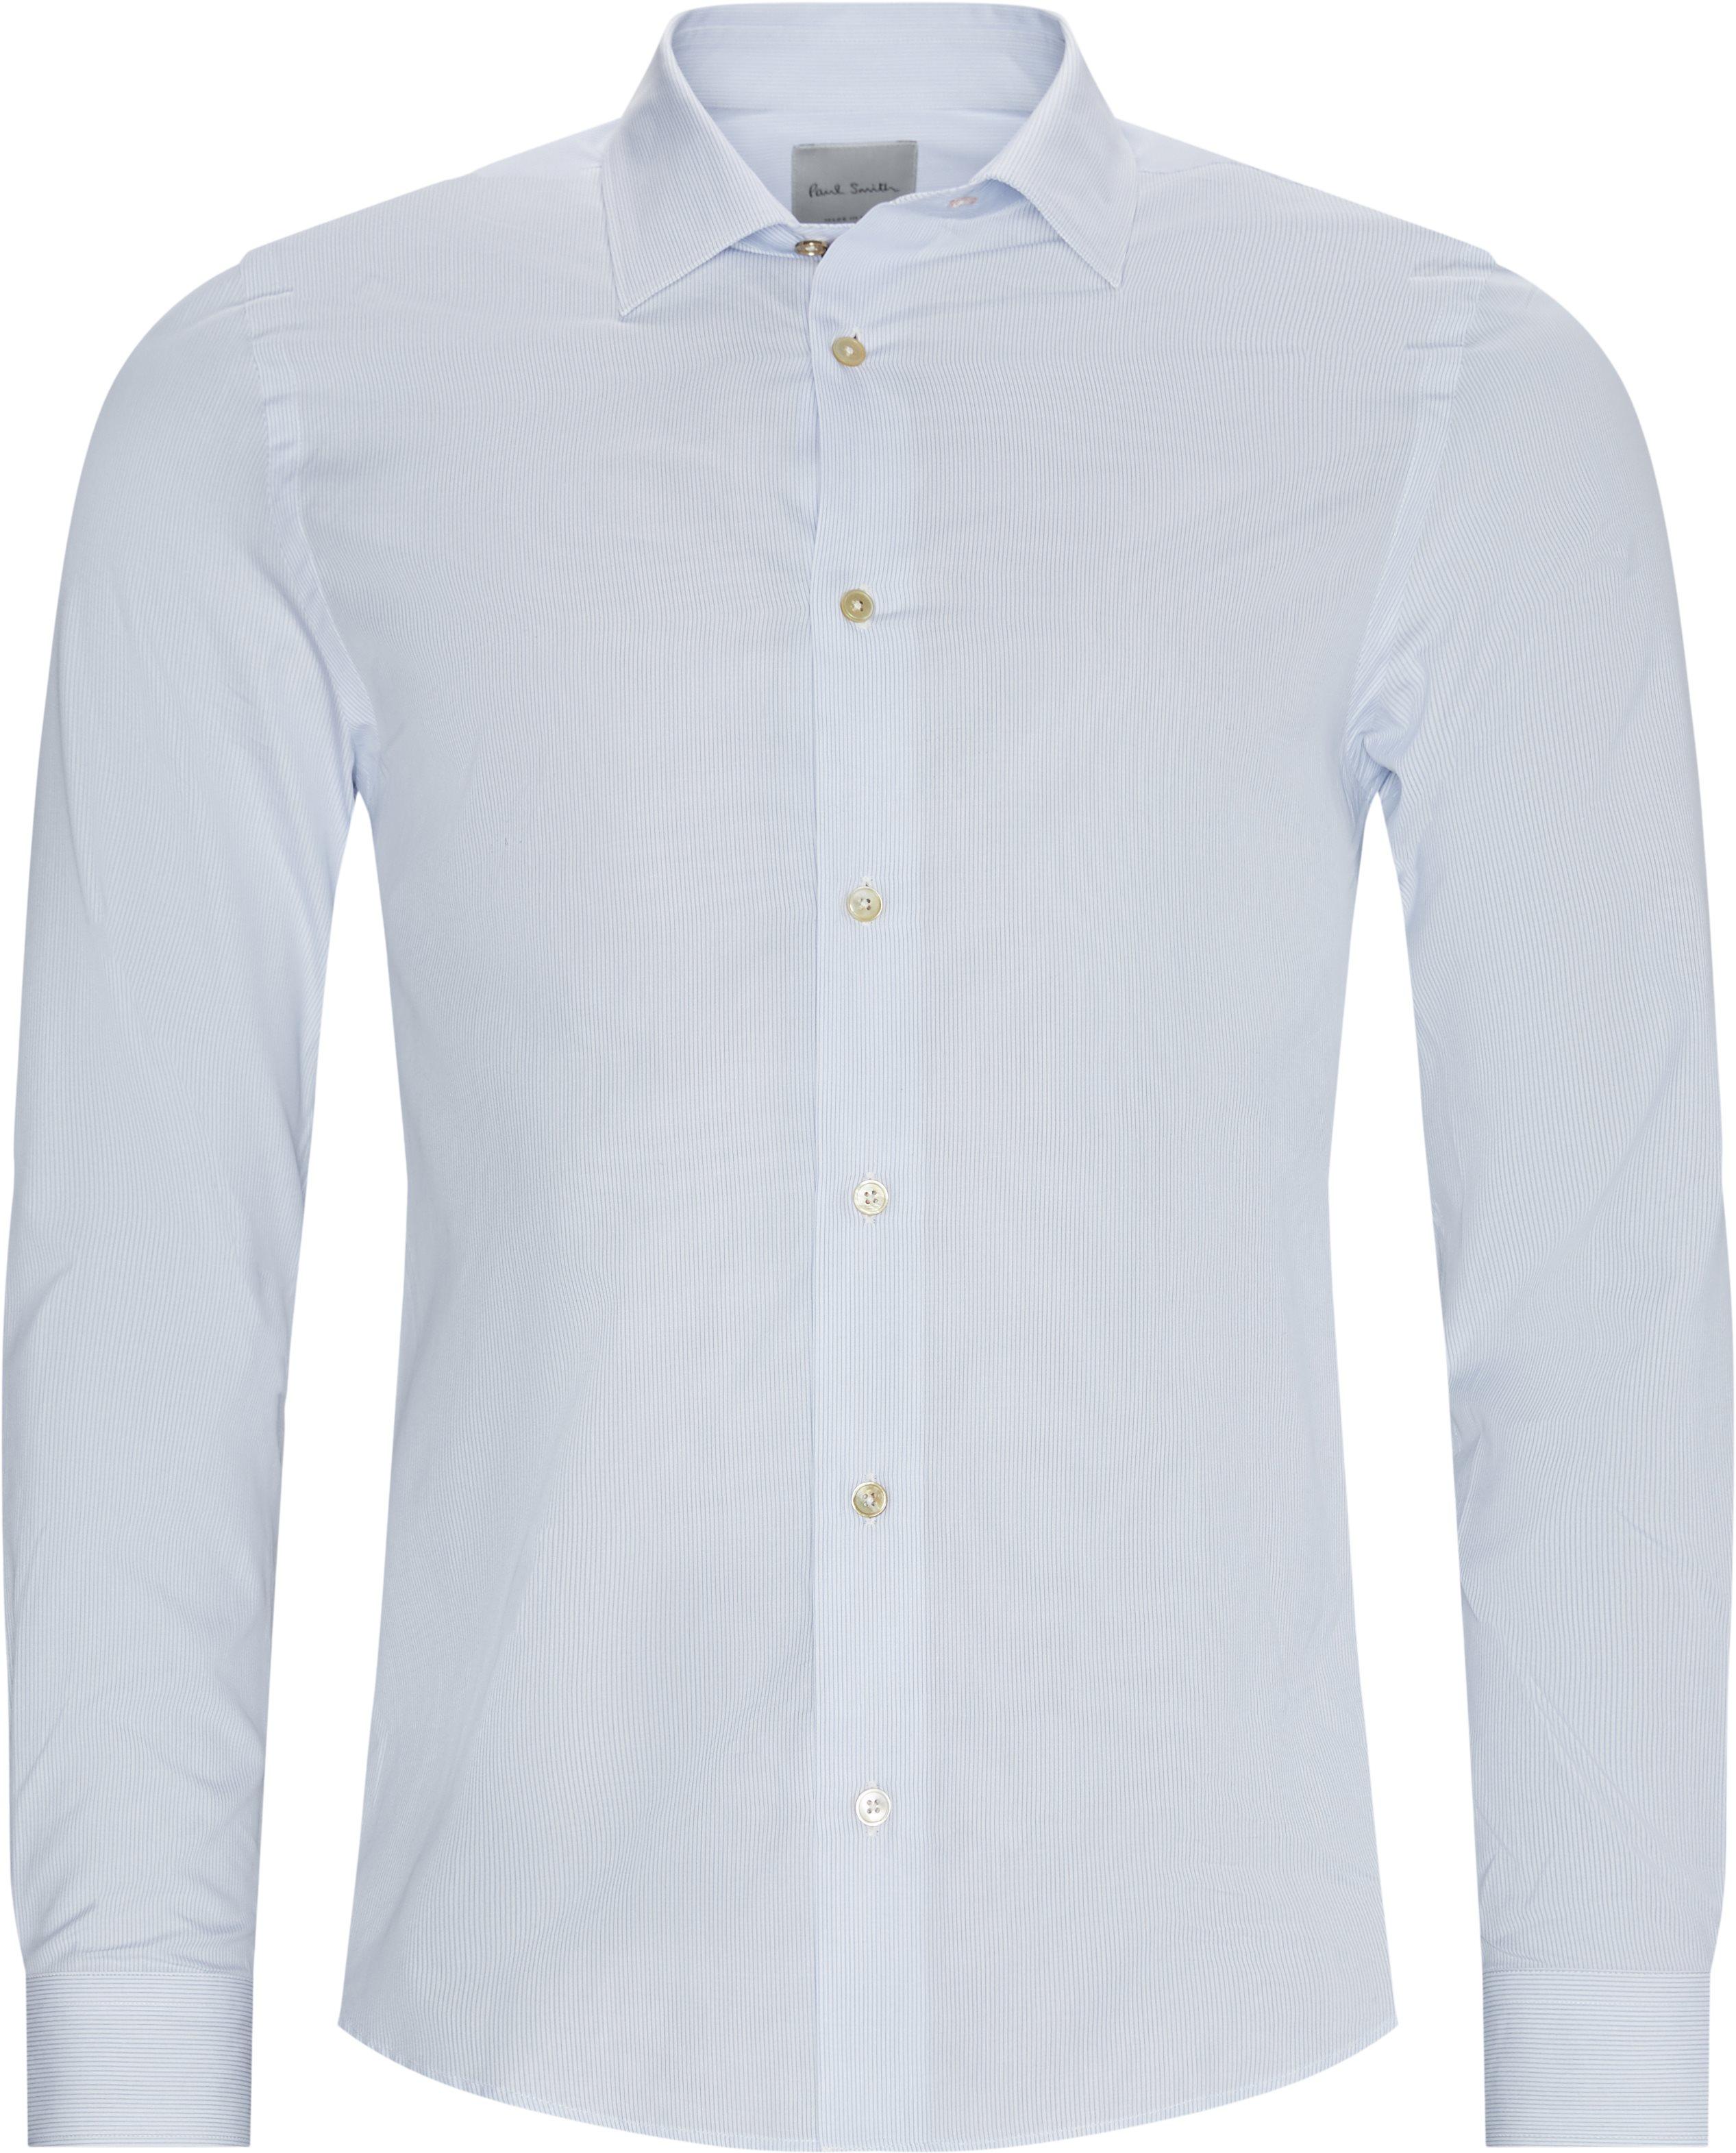 Skjorter - Regular fit - Blå